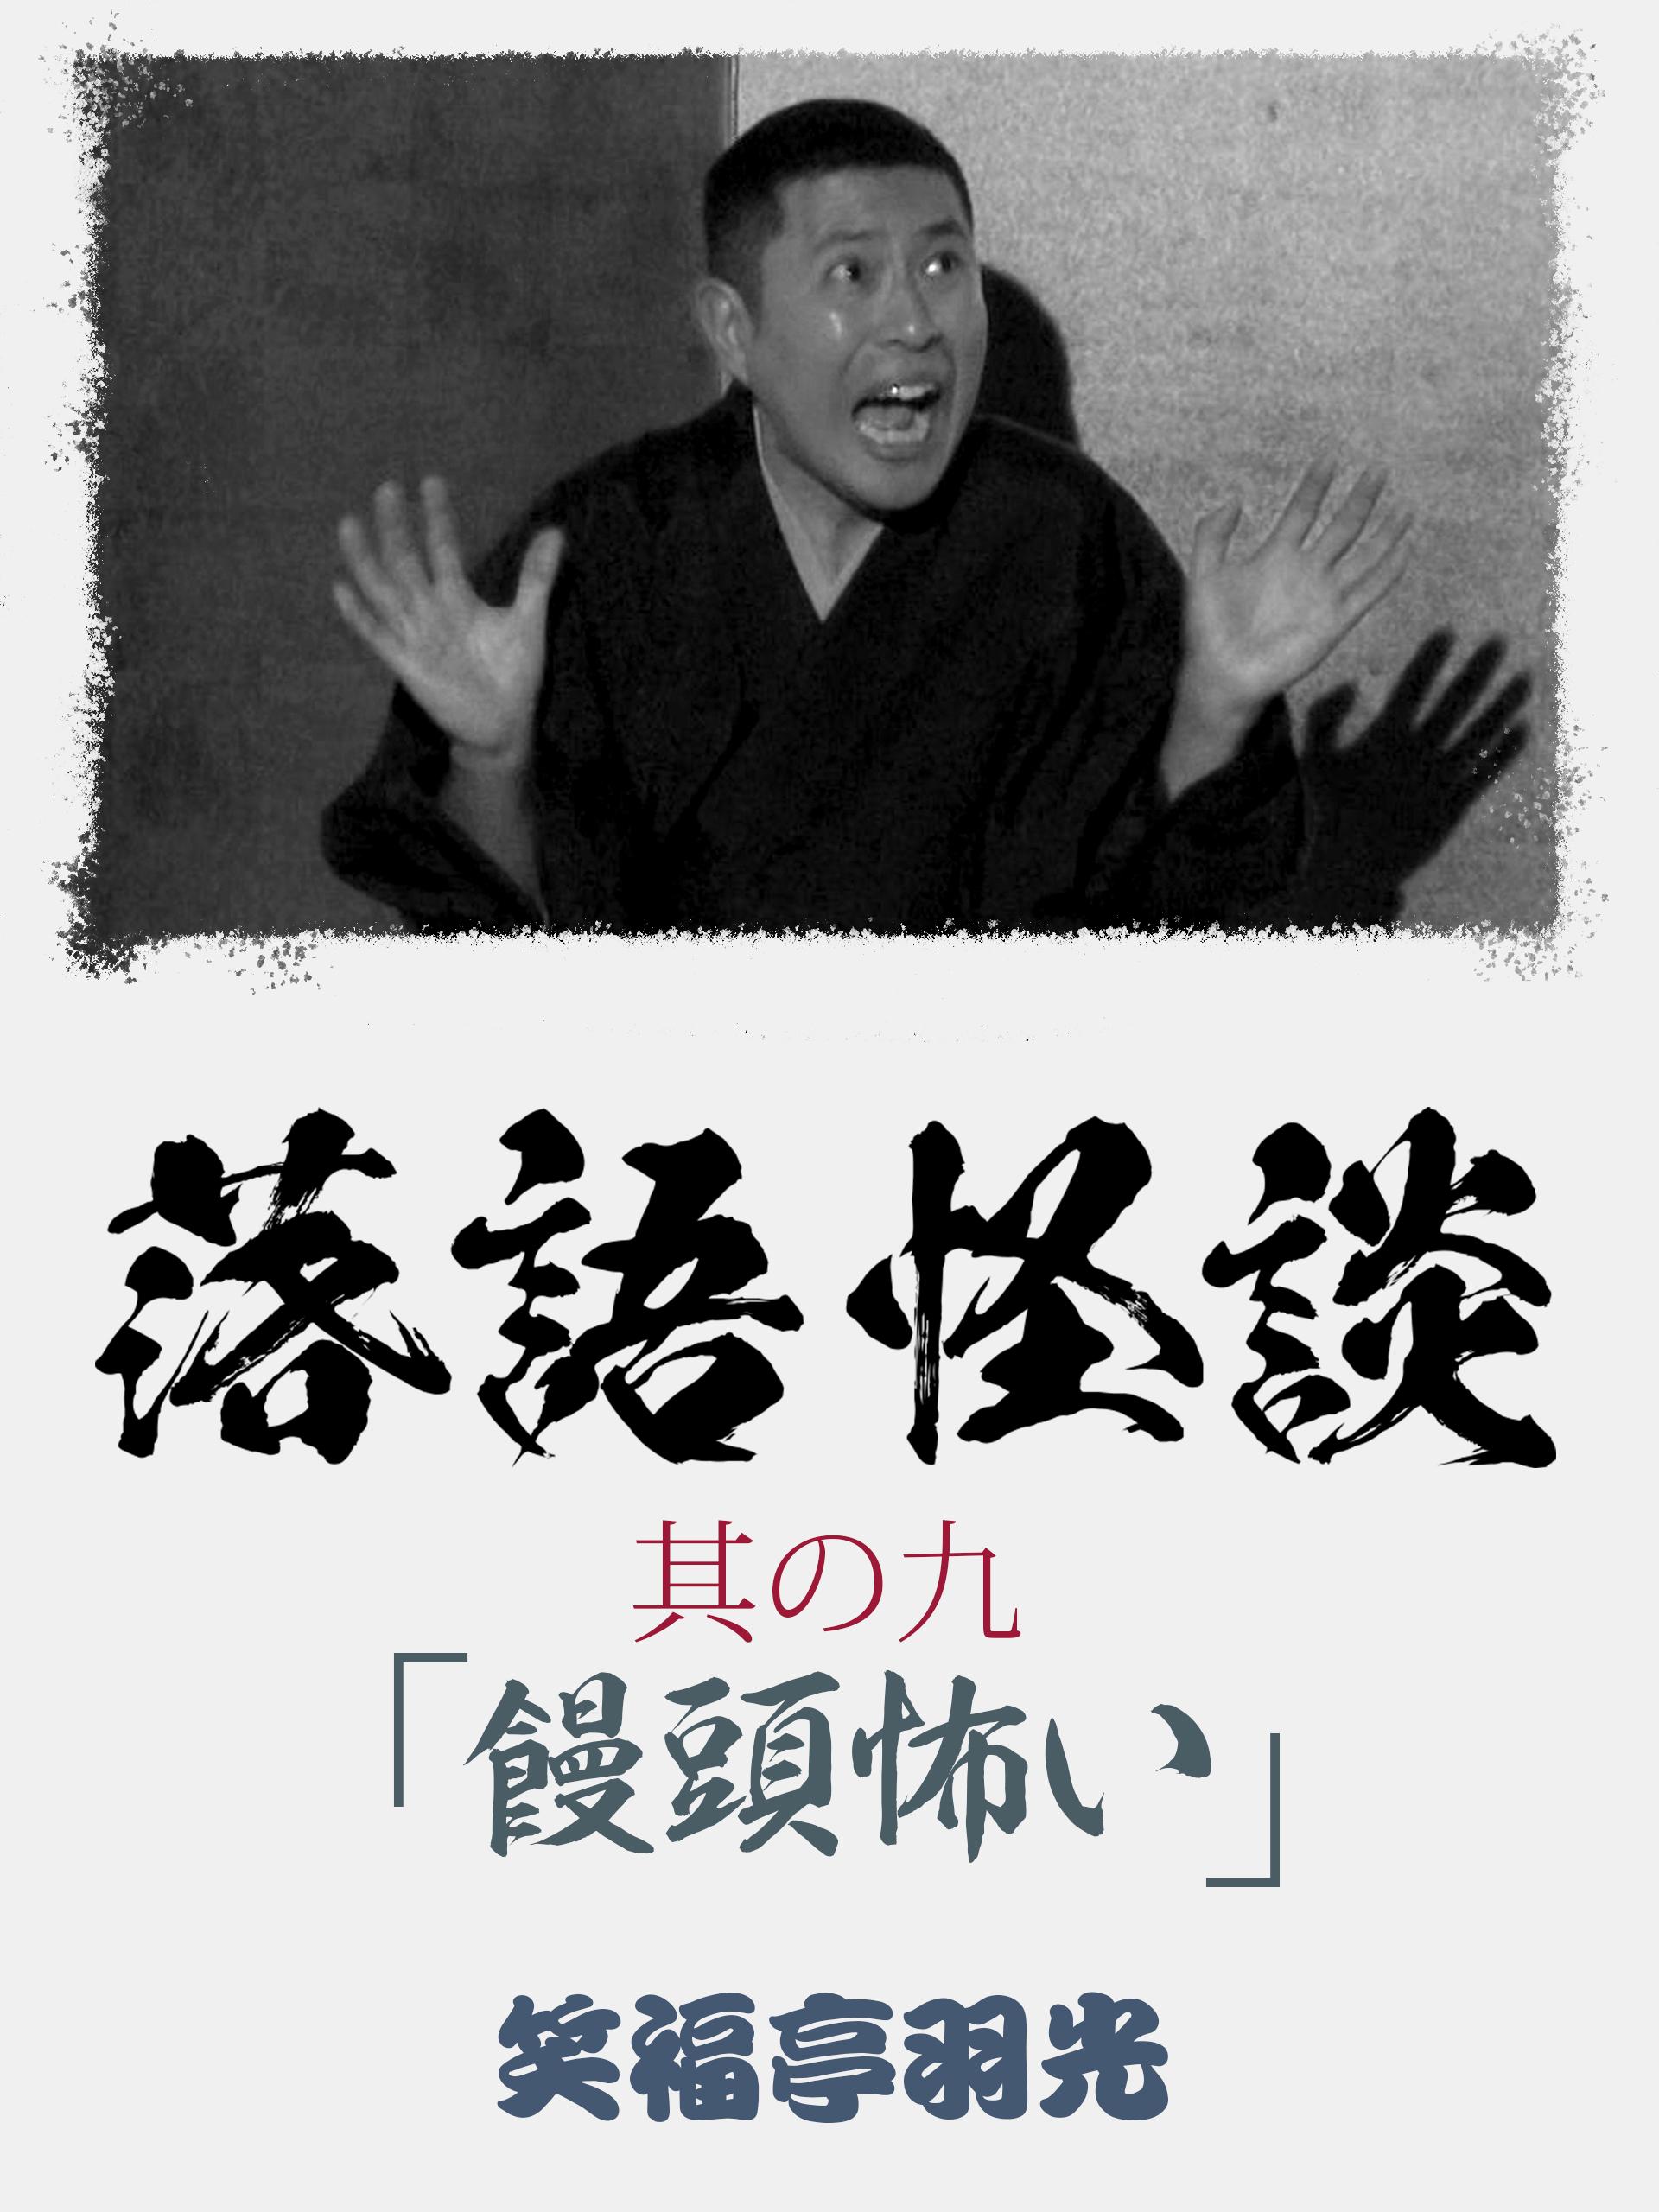 落語怪談 其の九「饅頭怖い」笑福亭羽光